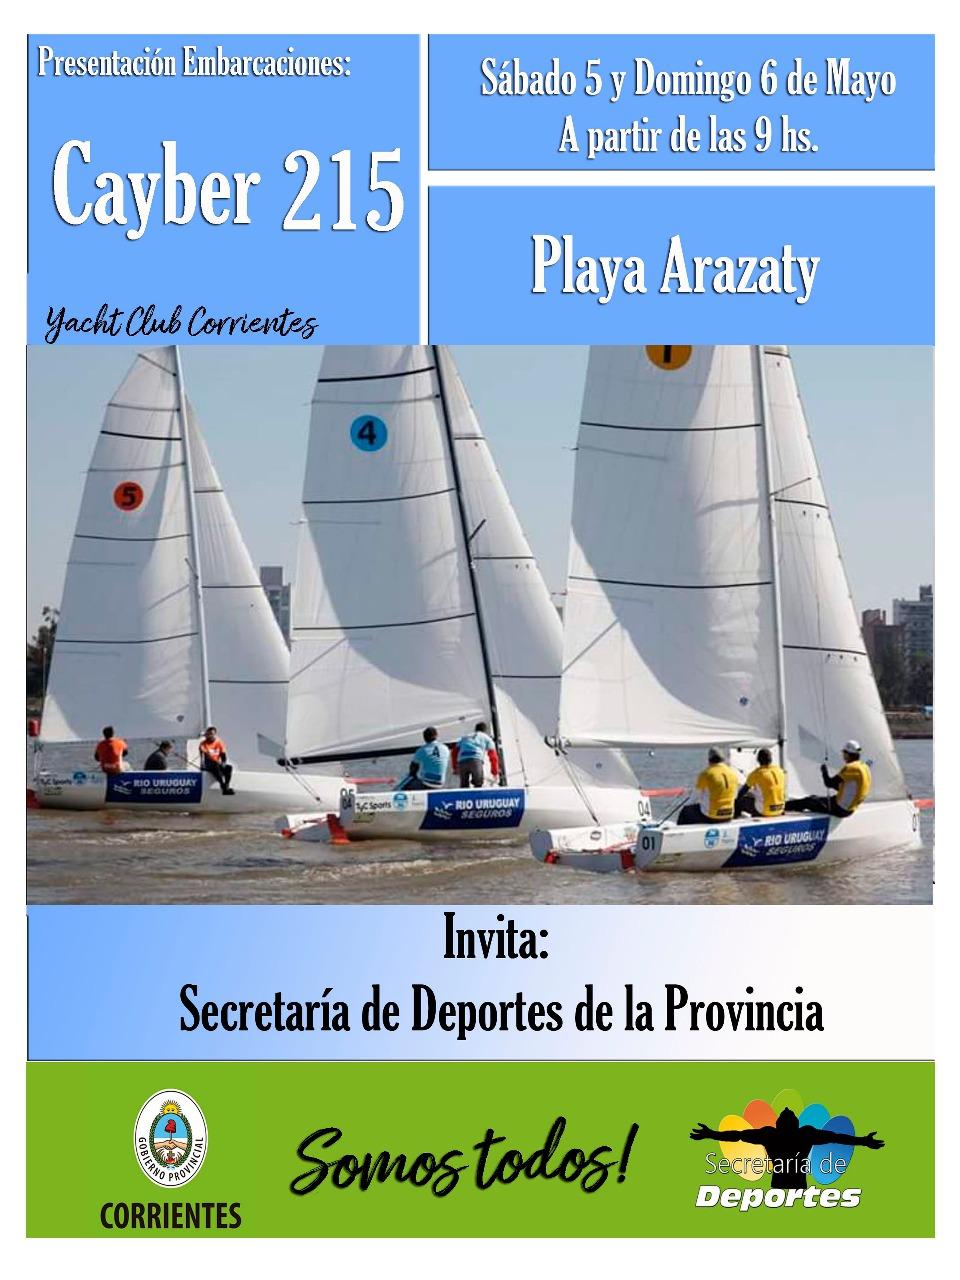 Yachting: Este fin se semana presentan las embarcaciones Cayber 215